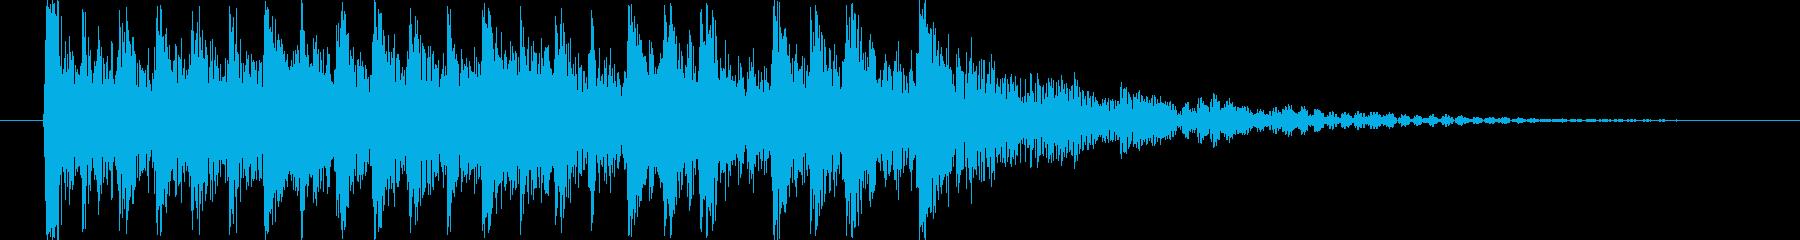 和楽器のアップテンポジングルの再生済みの波形